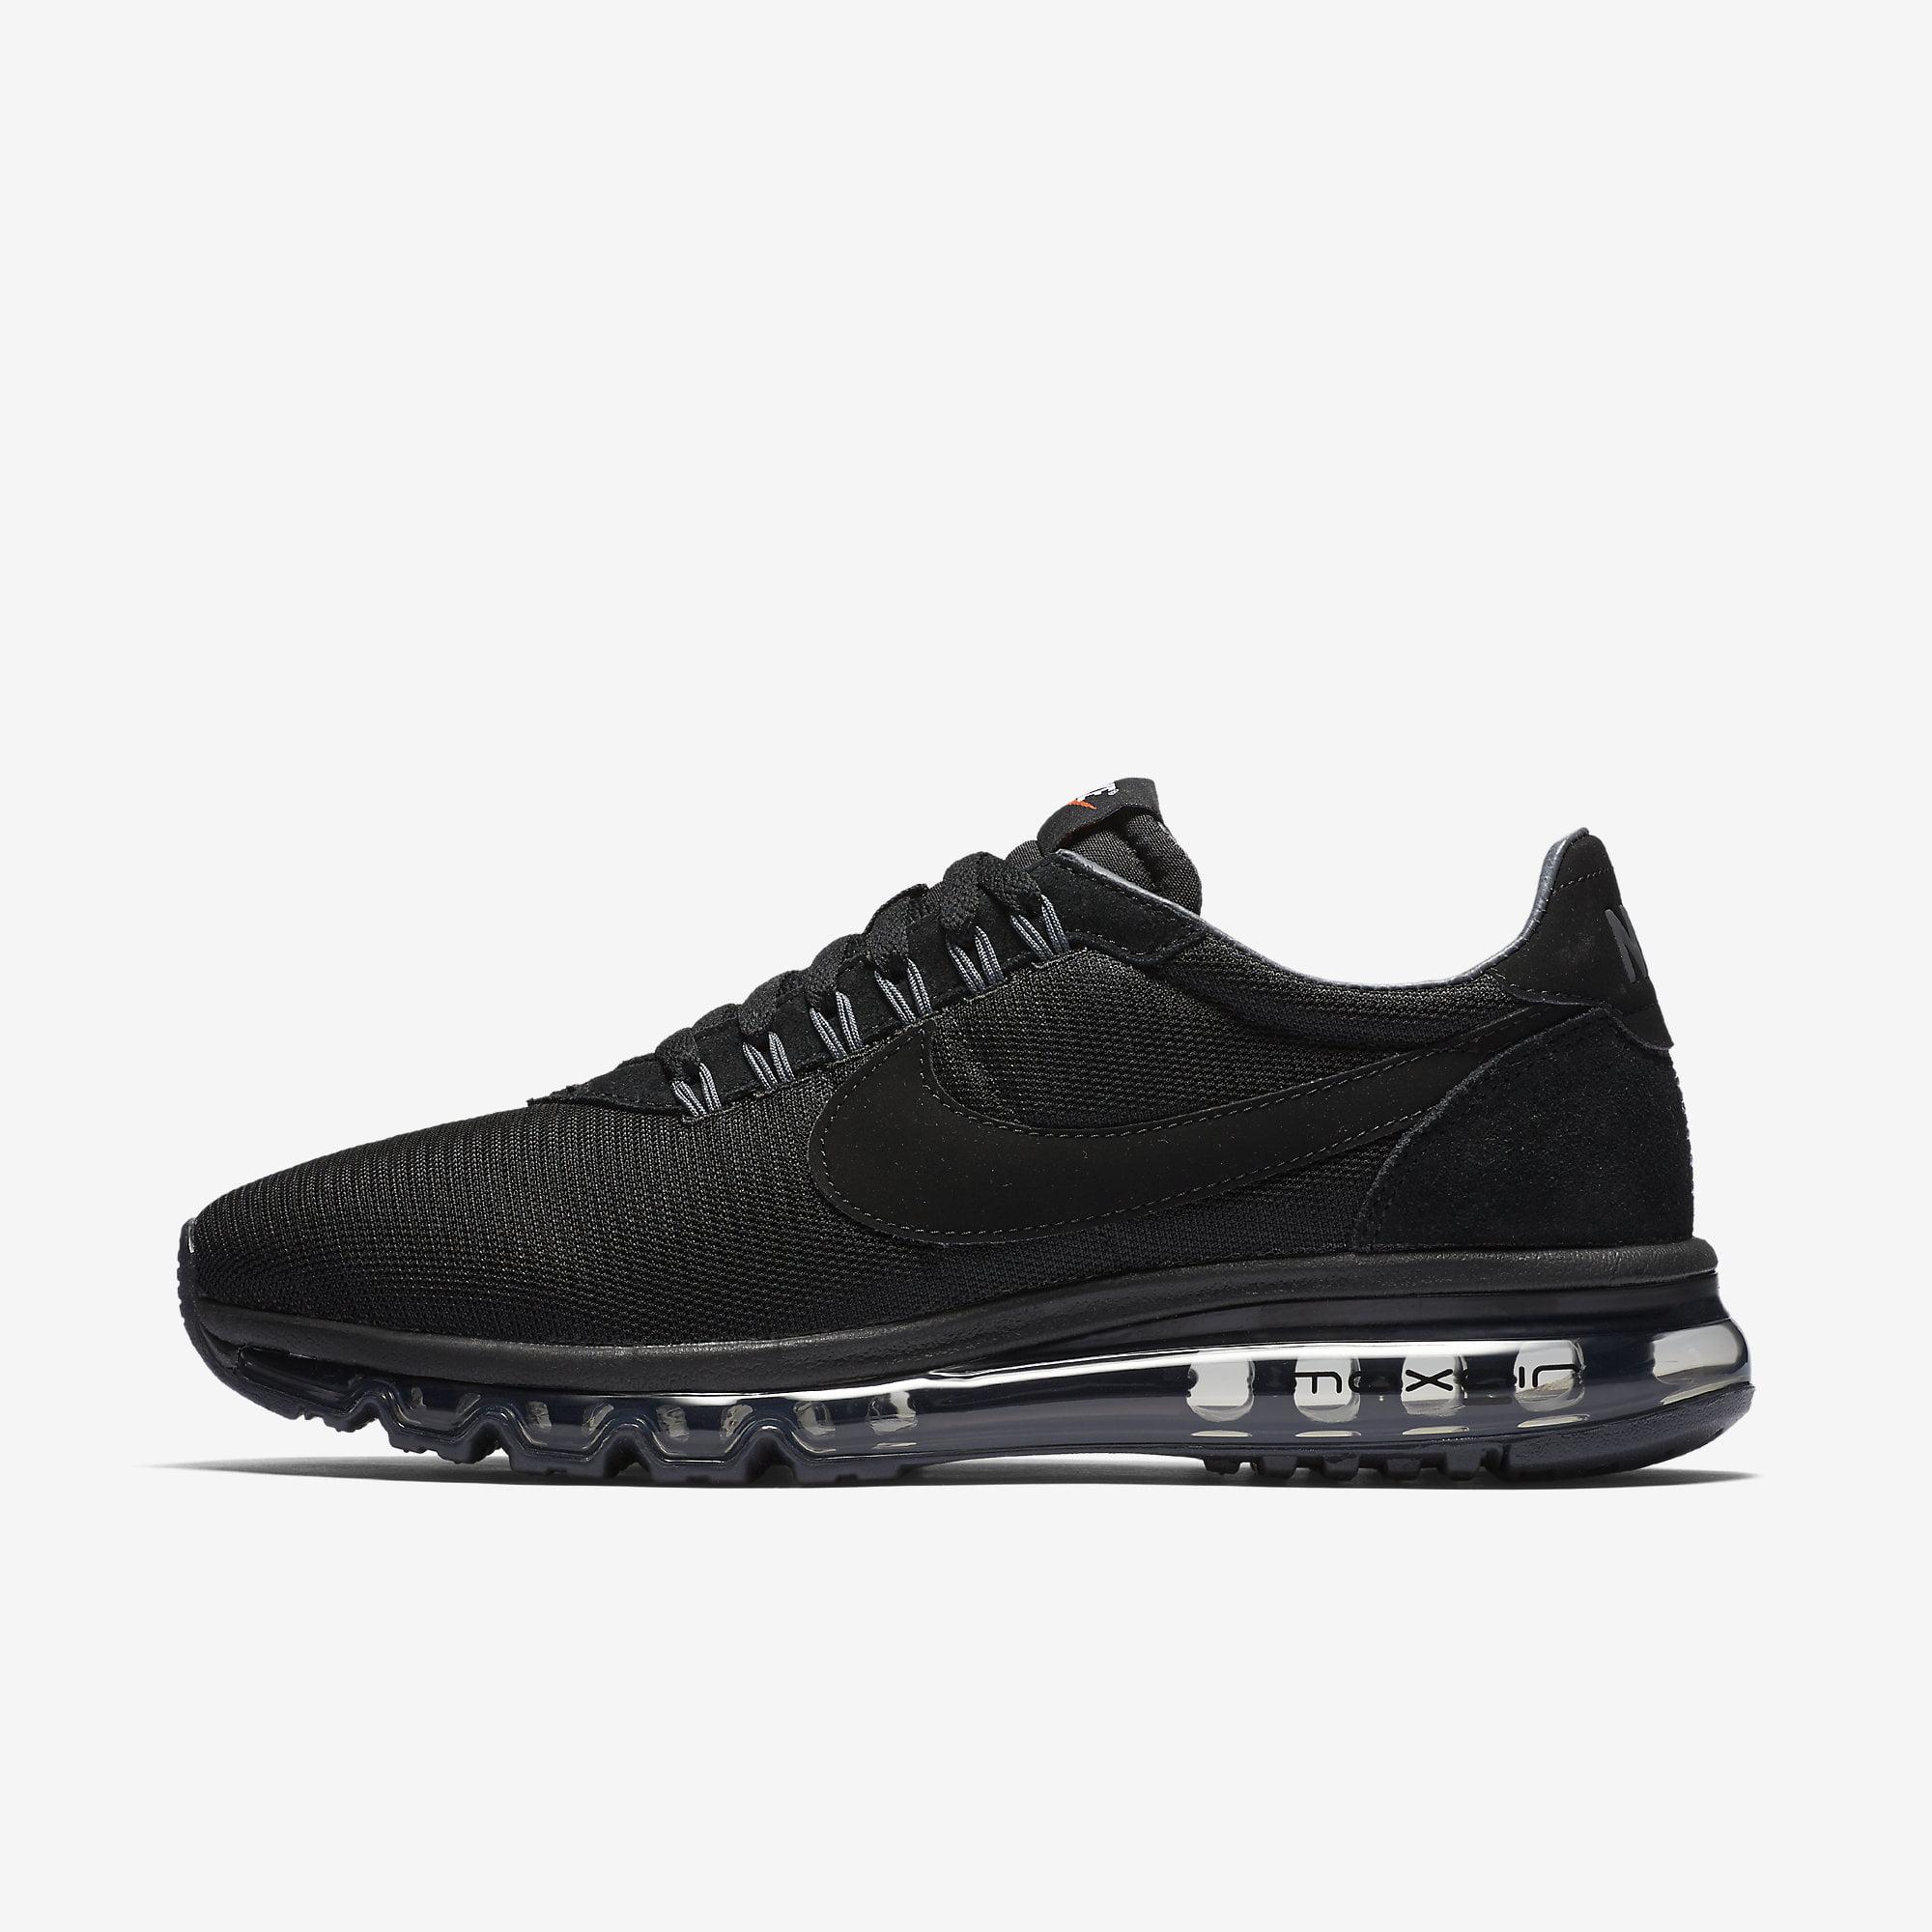 AIR MAX Nike Mens LD-ZERO Sneakers 848624-005 by Nike